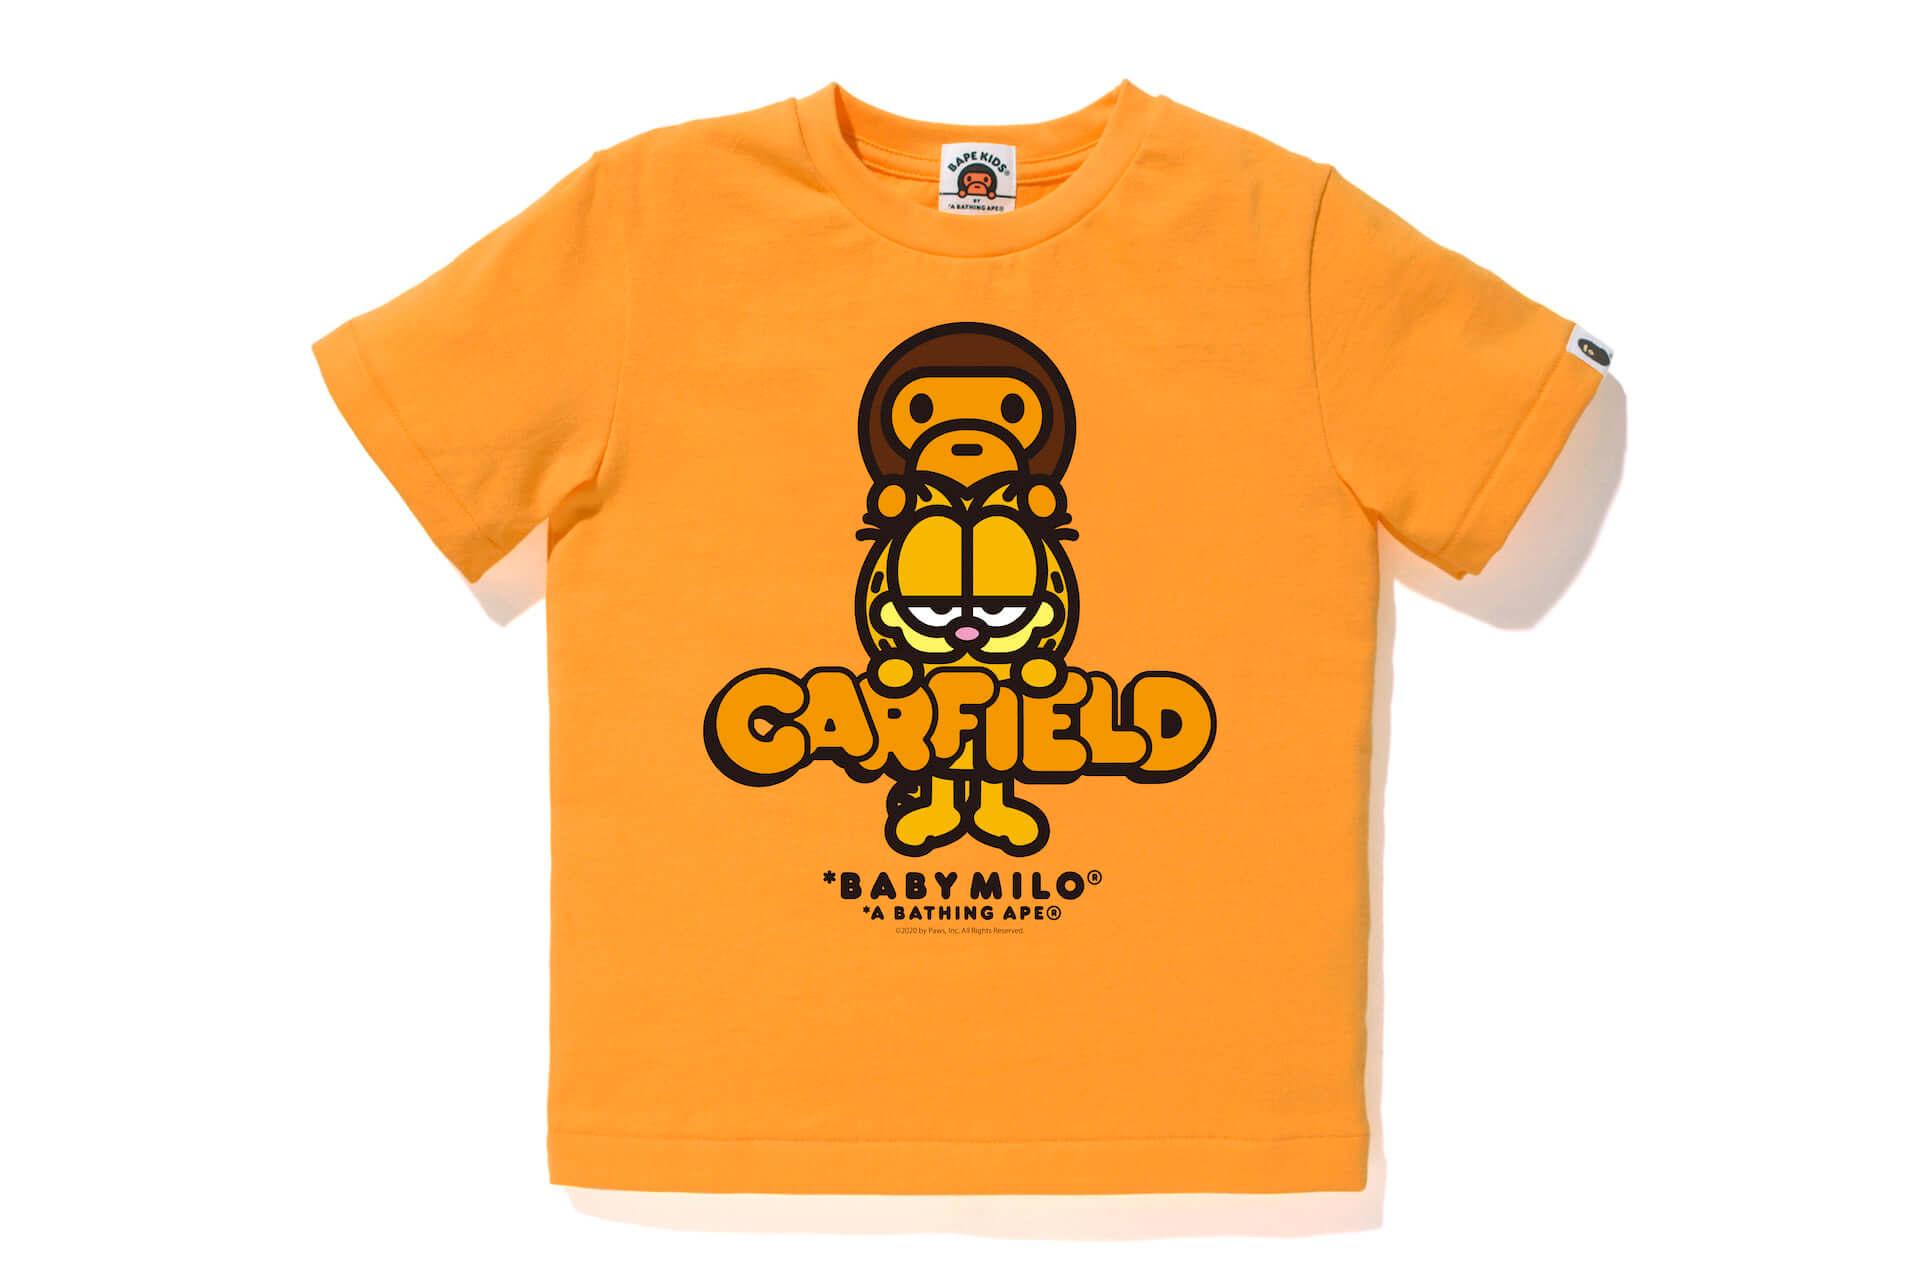 世界一有名なネコ、ガーフィールドとBAPE®︎が初共演!Tシャツ、フーディーなどコラボグッズが多数登場 lf200629_garfield_7-1920x1280